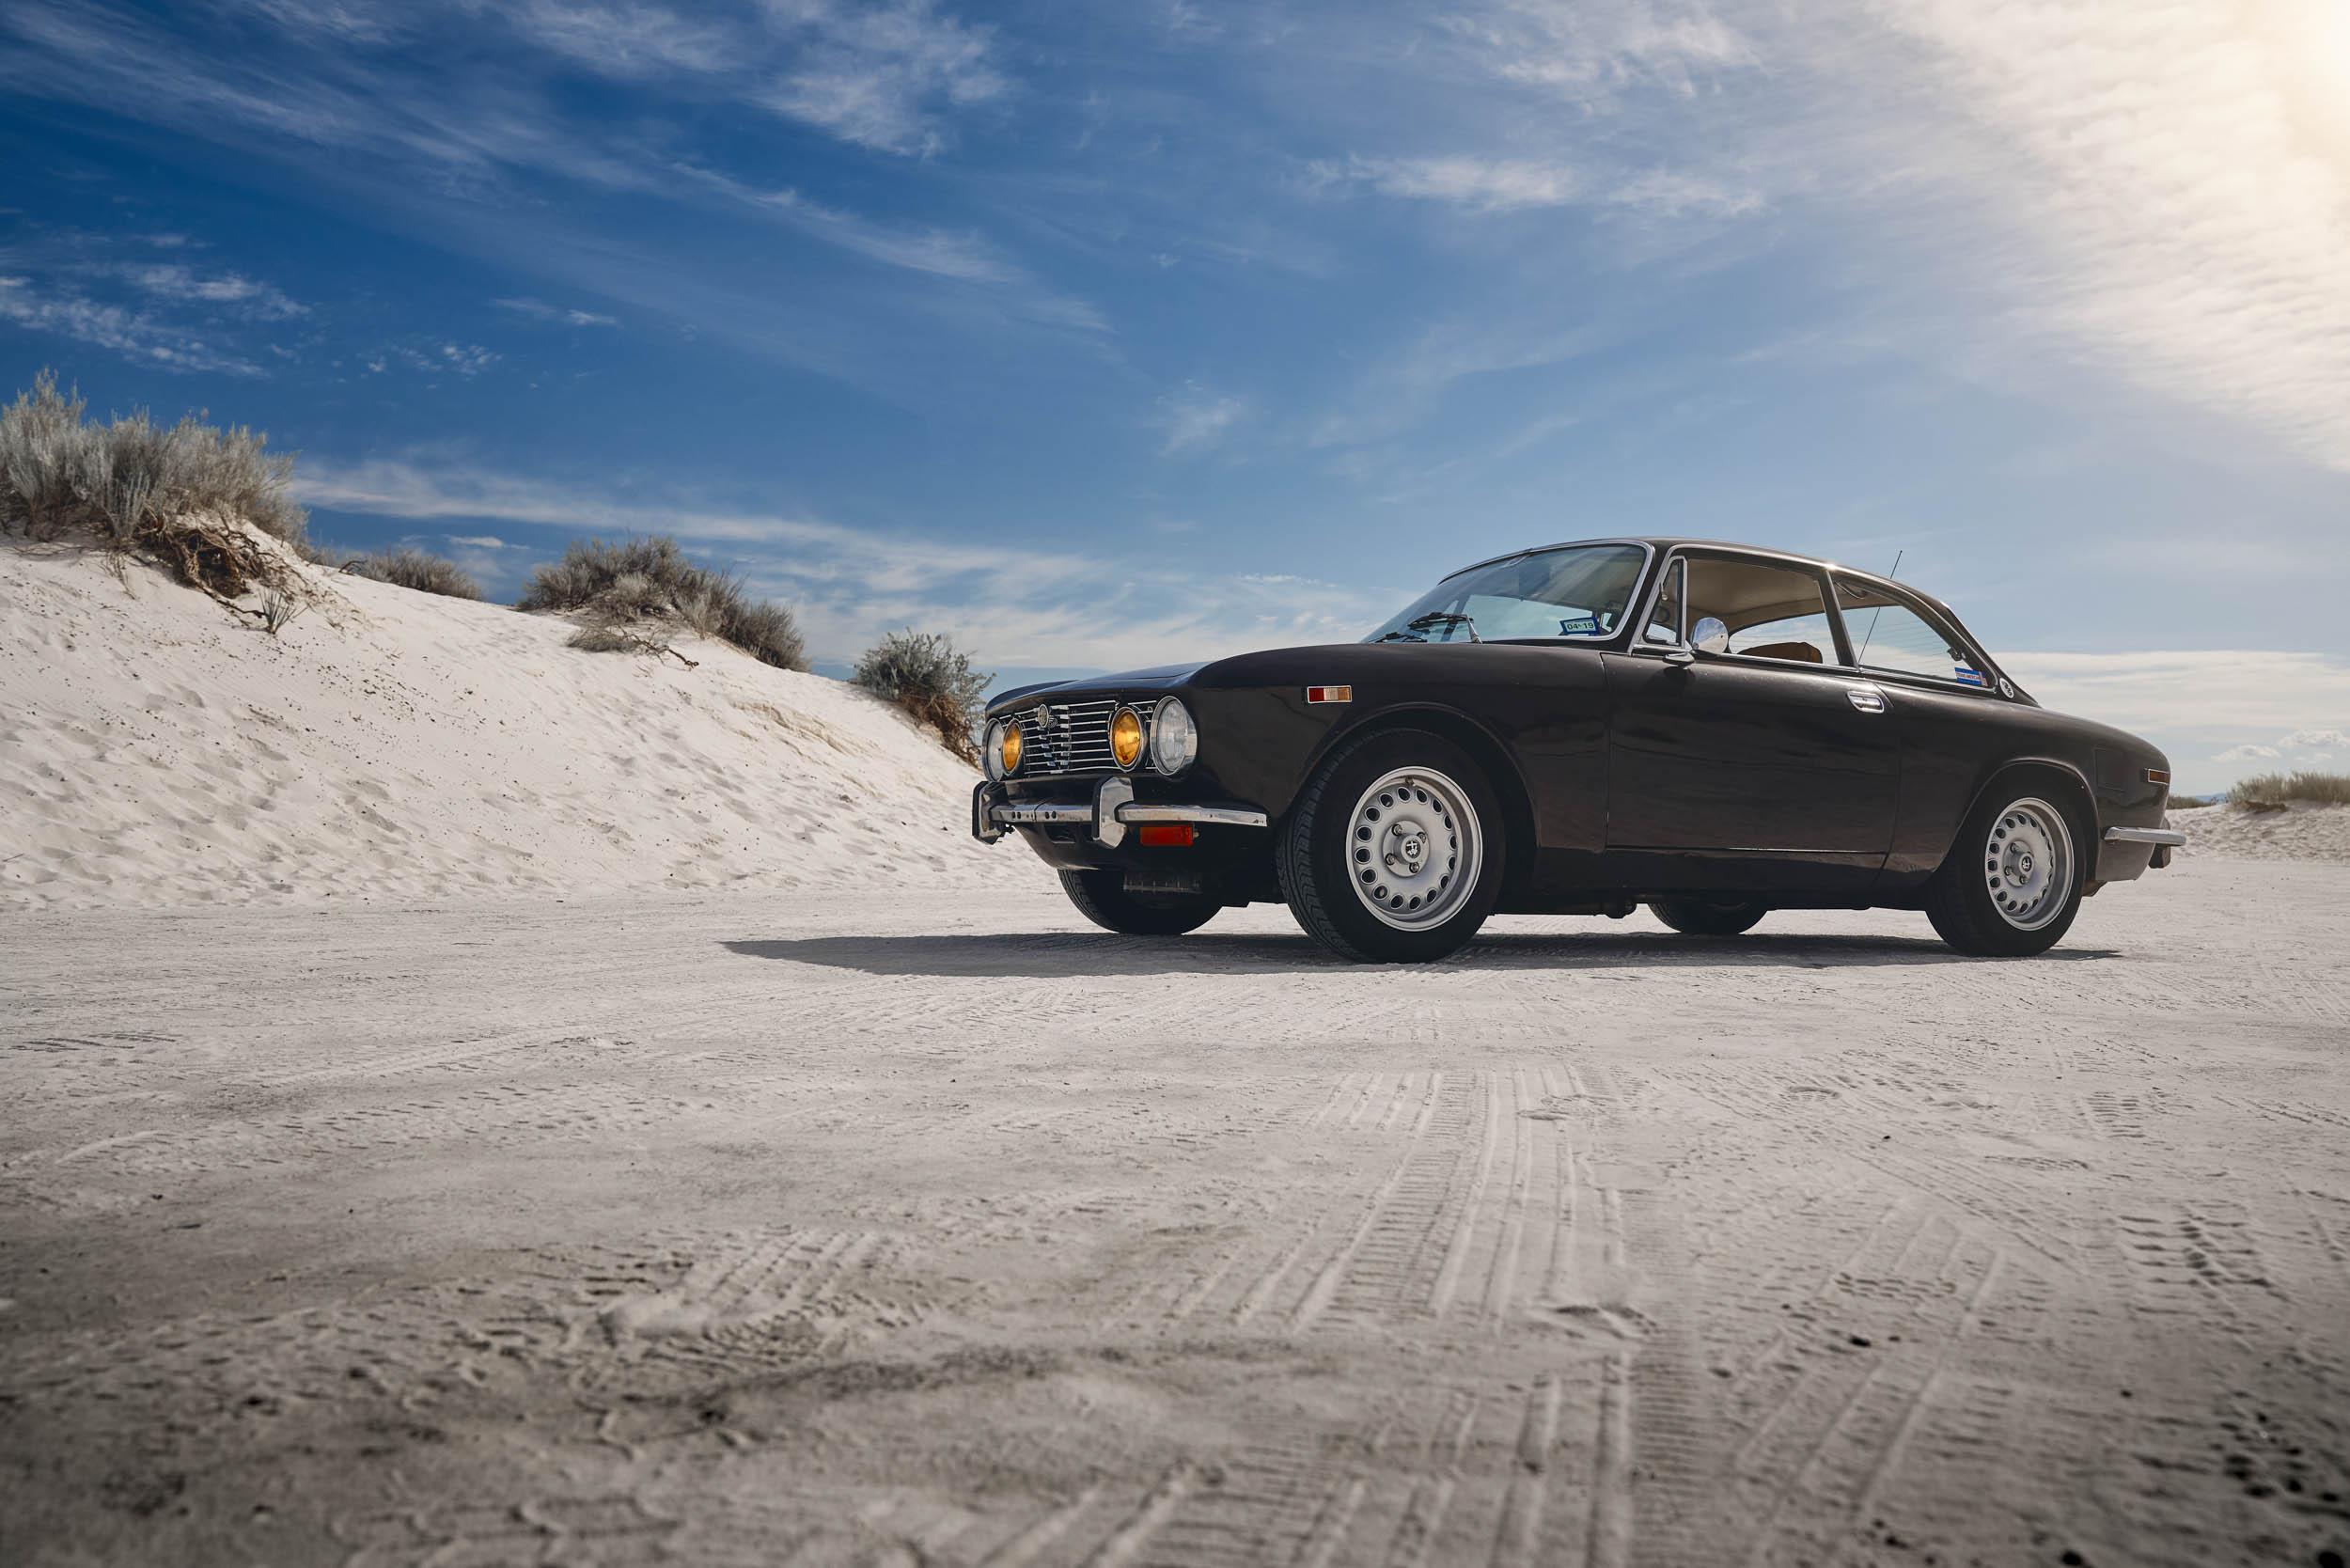 Alfa Romeo GTV in the desert